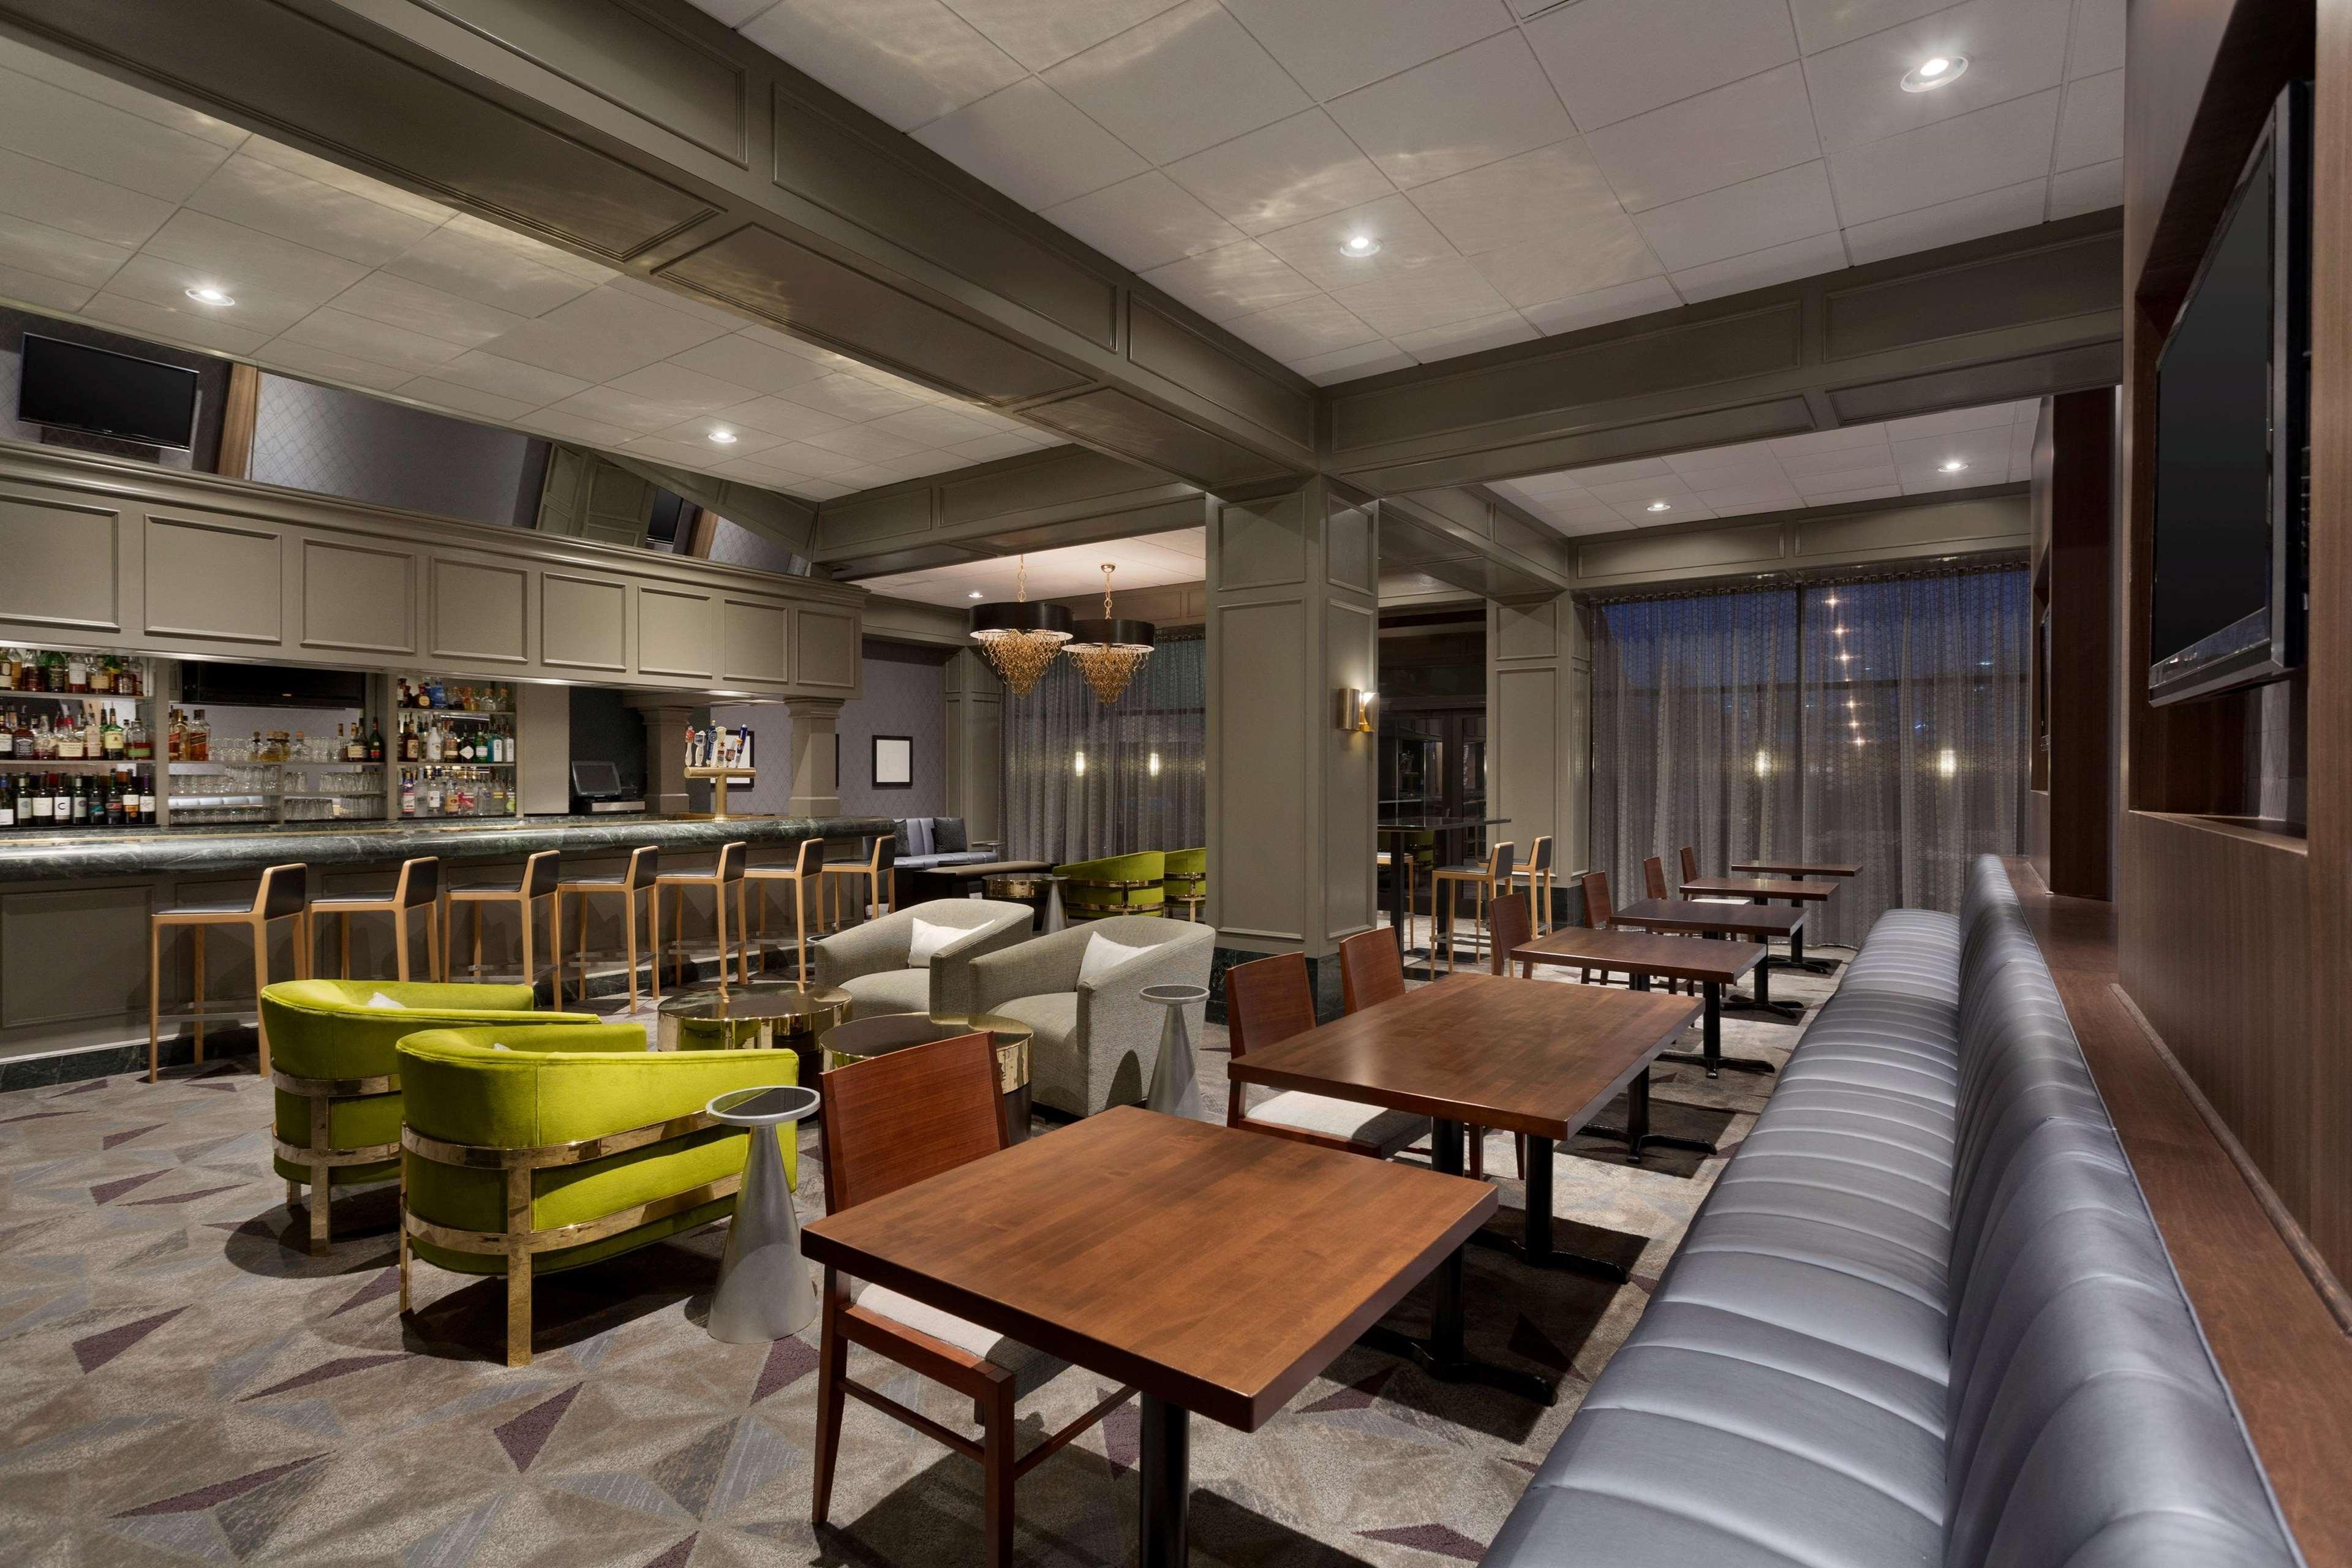 Hilton Chicago/Oak Brook Suites image 37